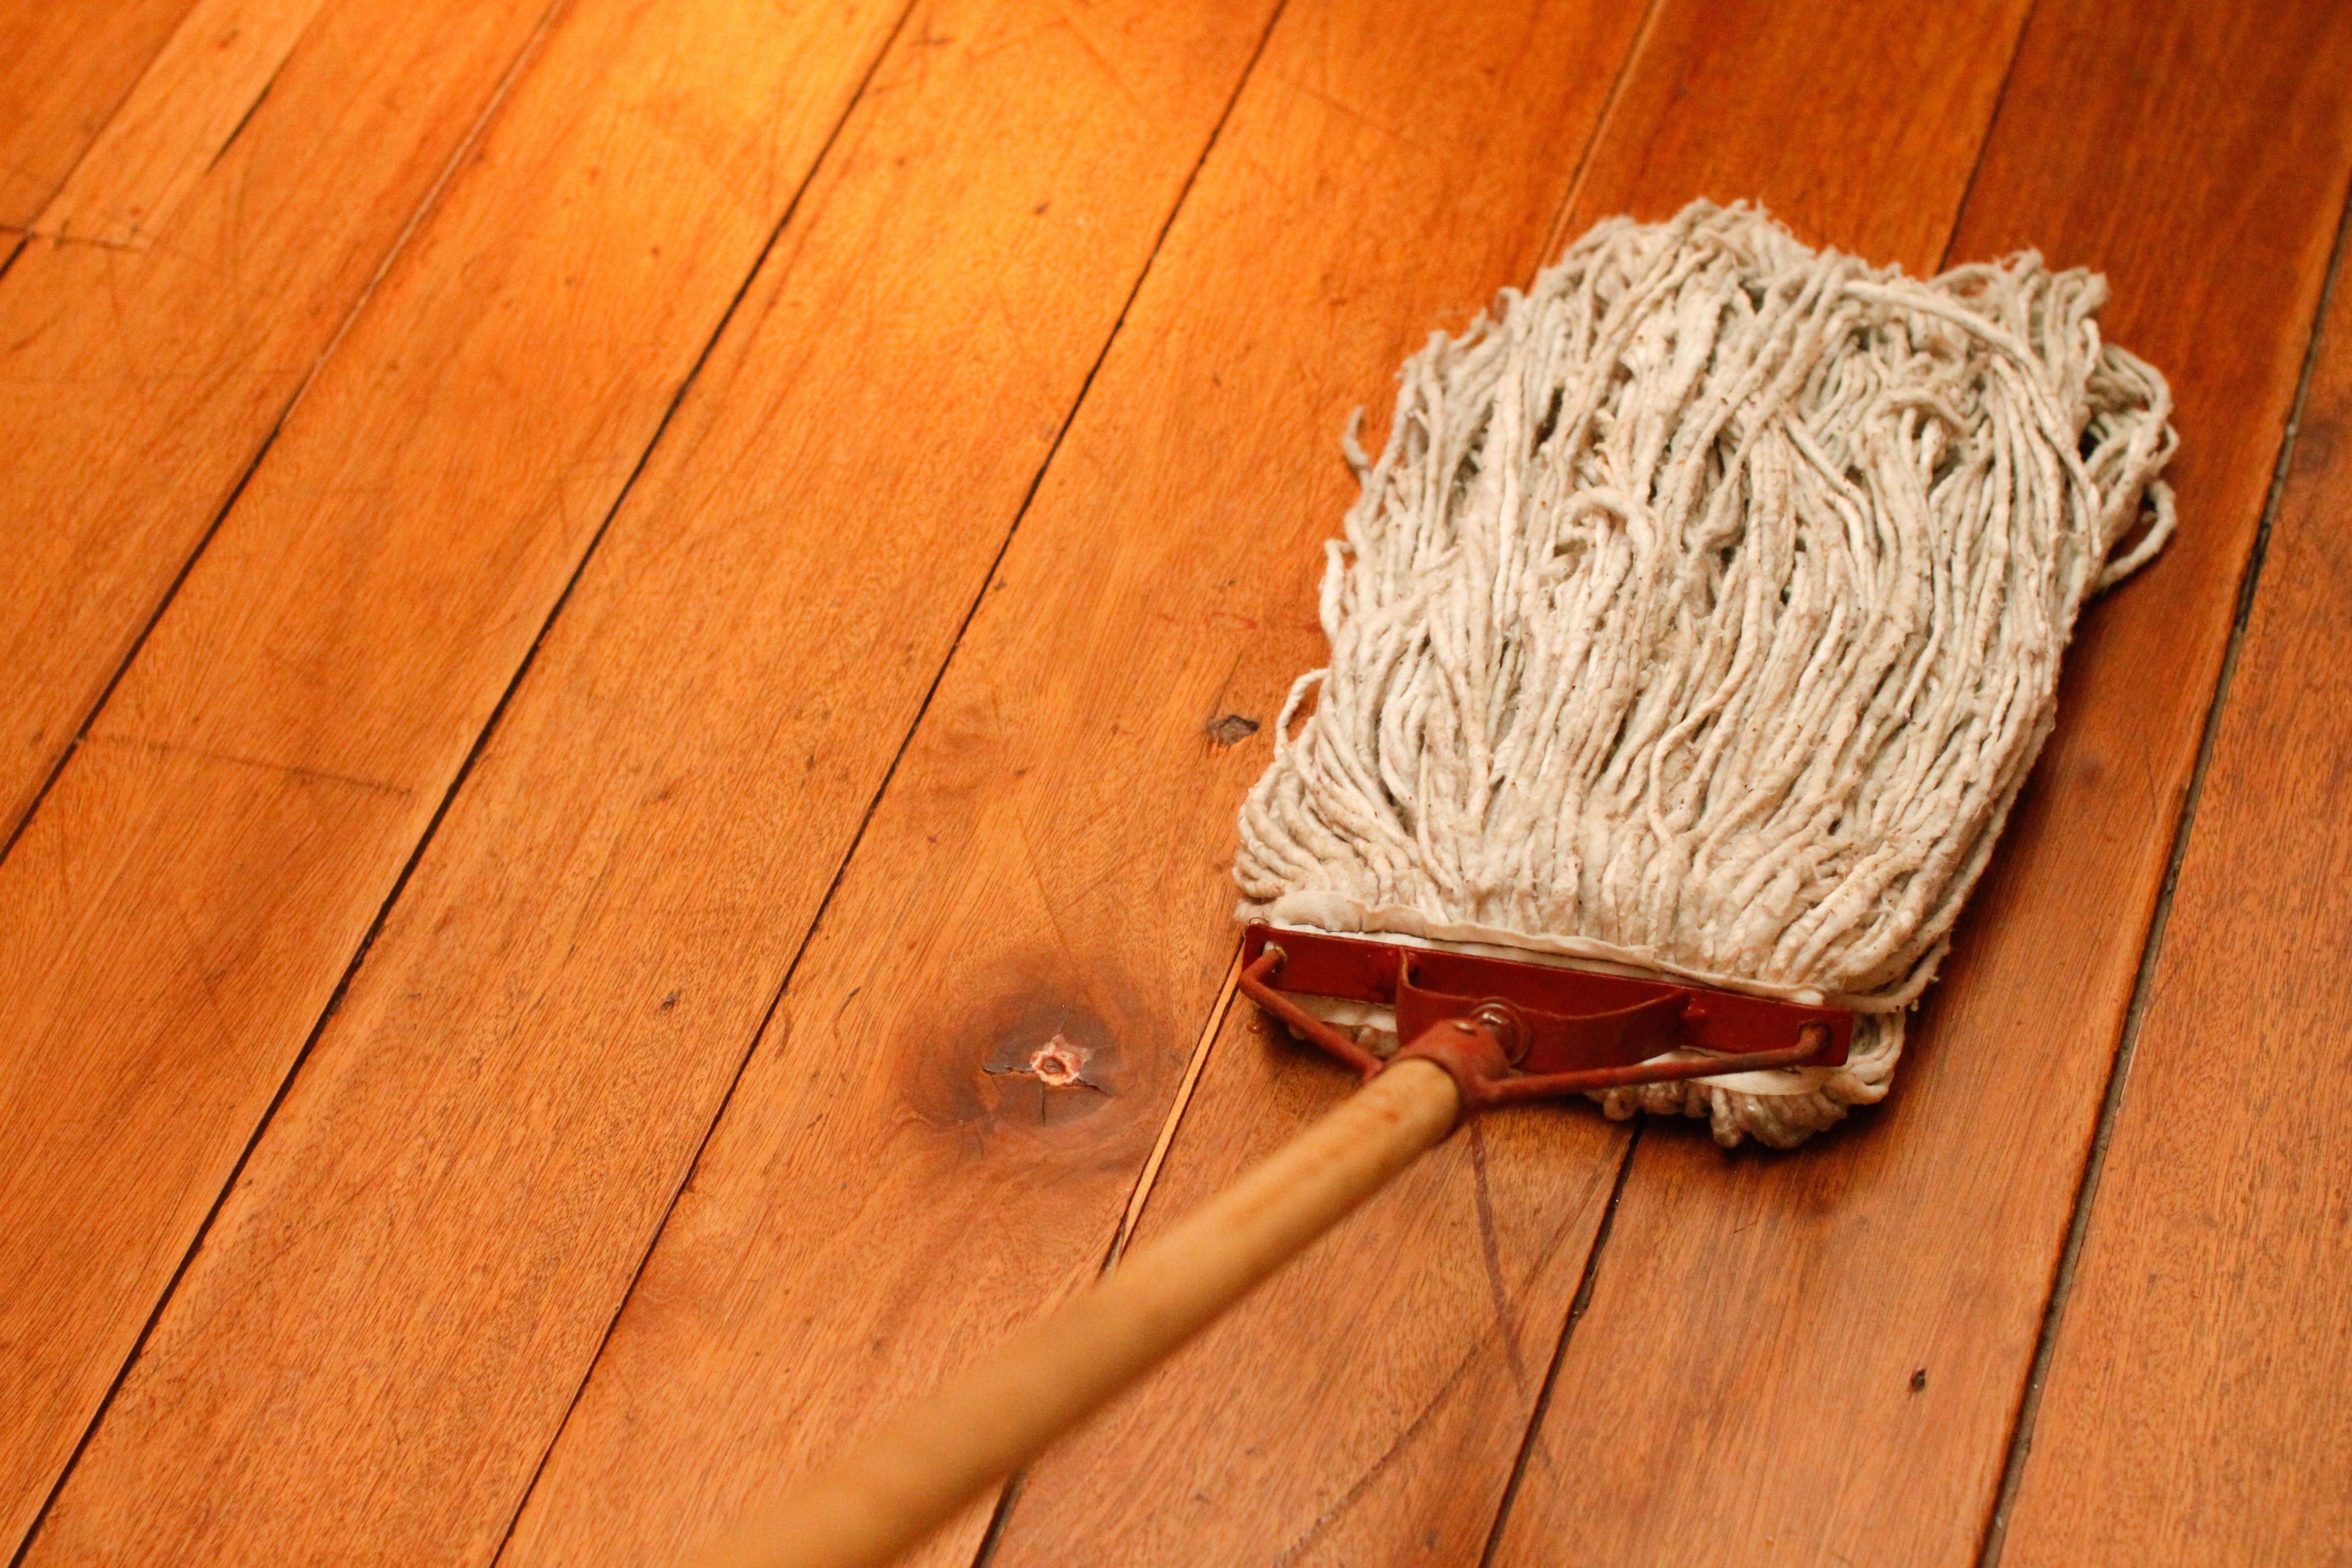 best wood for hardwood floors of hardwood floor steam mop shark steamer wood floors lovely 11 best od in hardwood floor steam mop shark steamer wood floors lovely 11 best od floors pinterest awesome